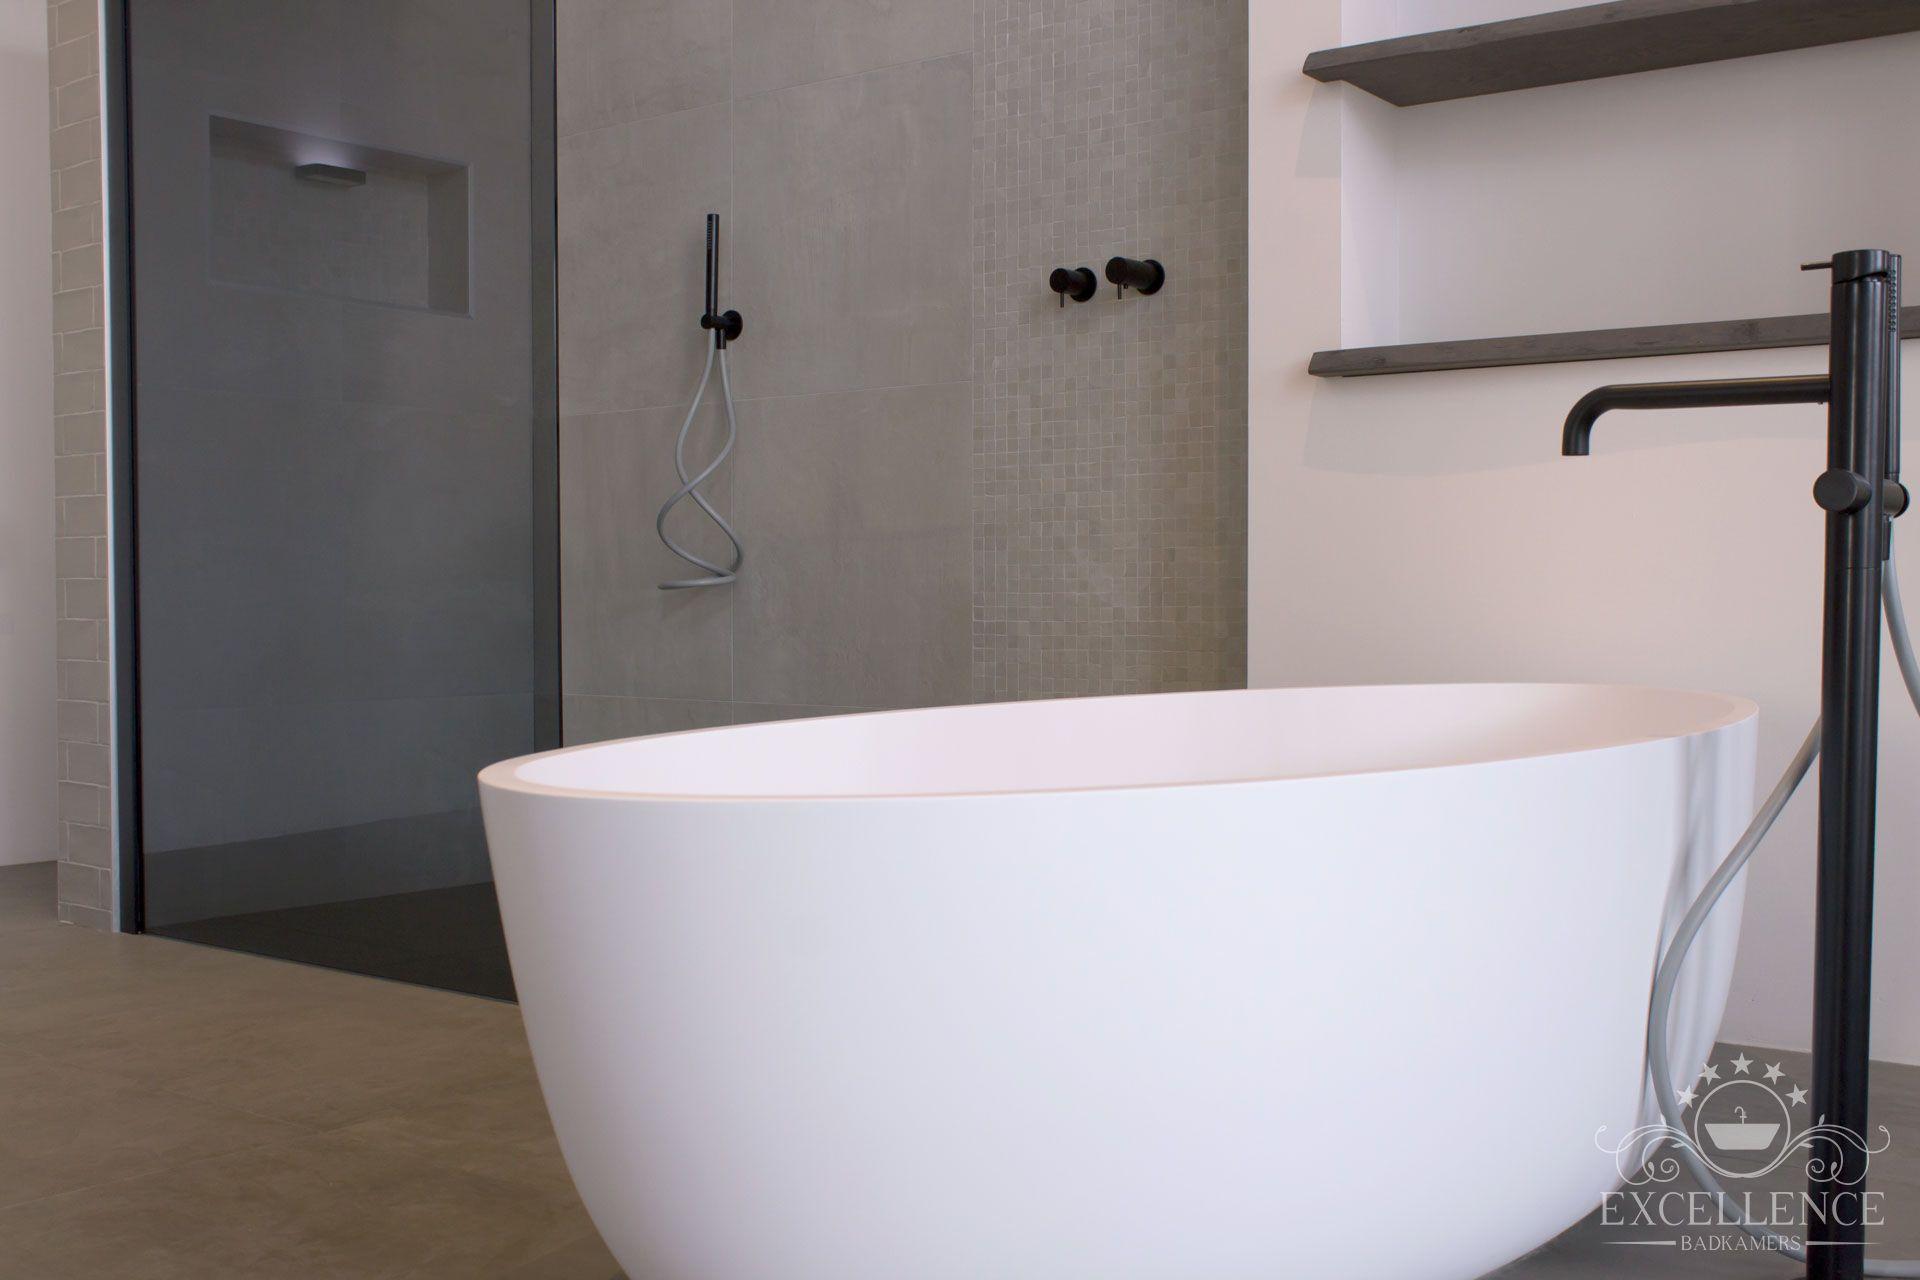 Maatwerk badkamer. Waterevolution vrijstaande badkraan mat zwart ...